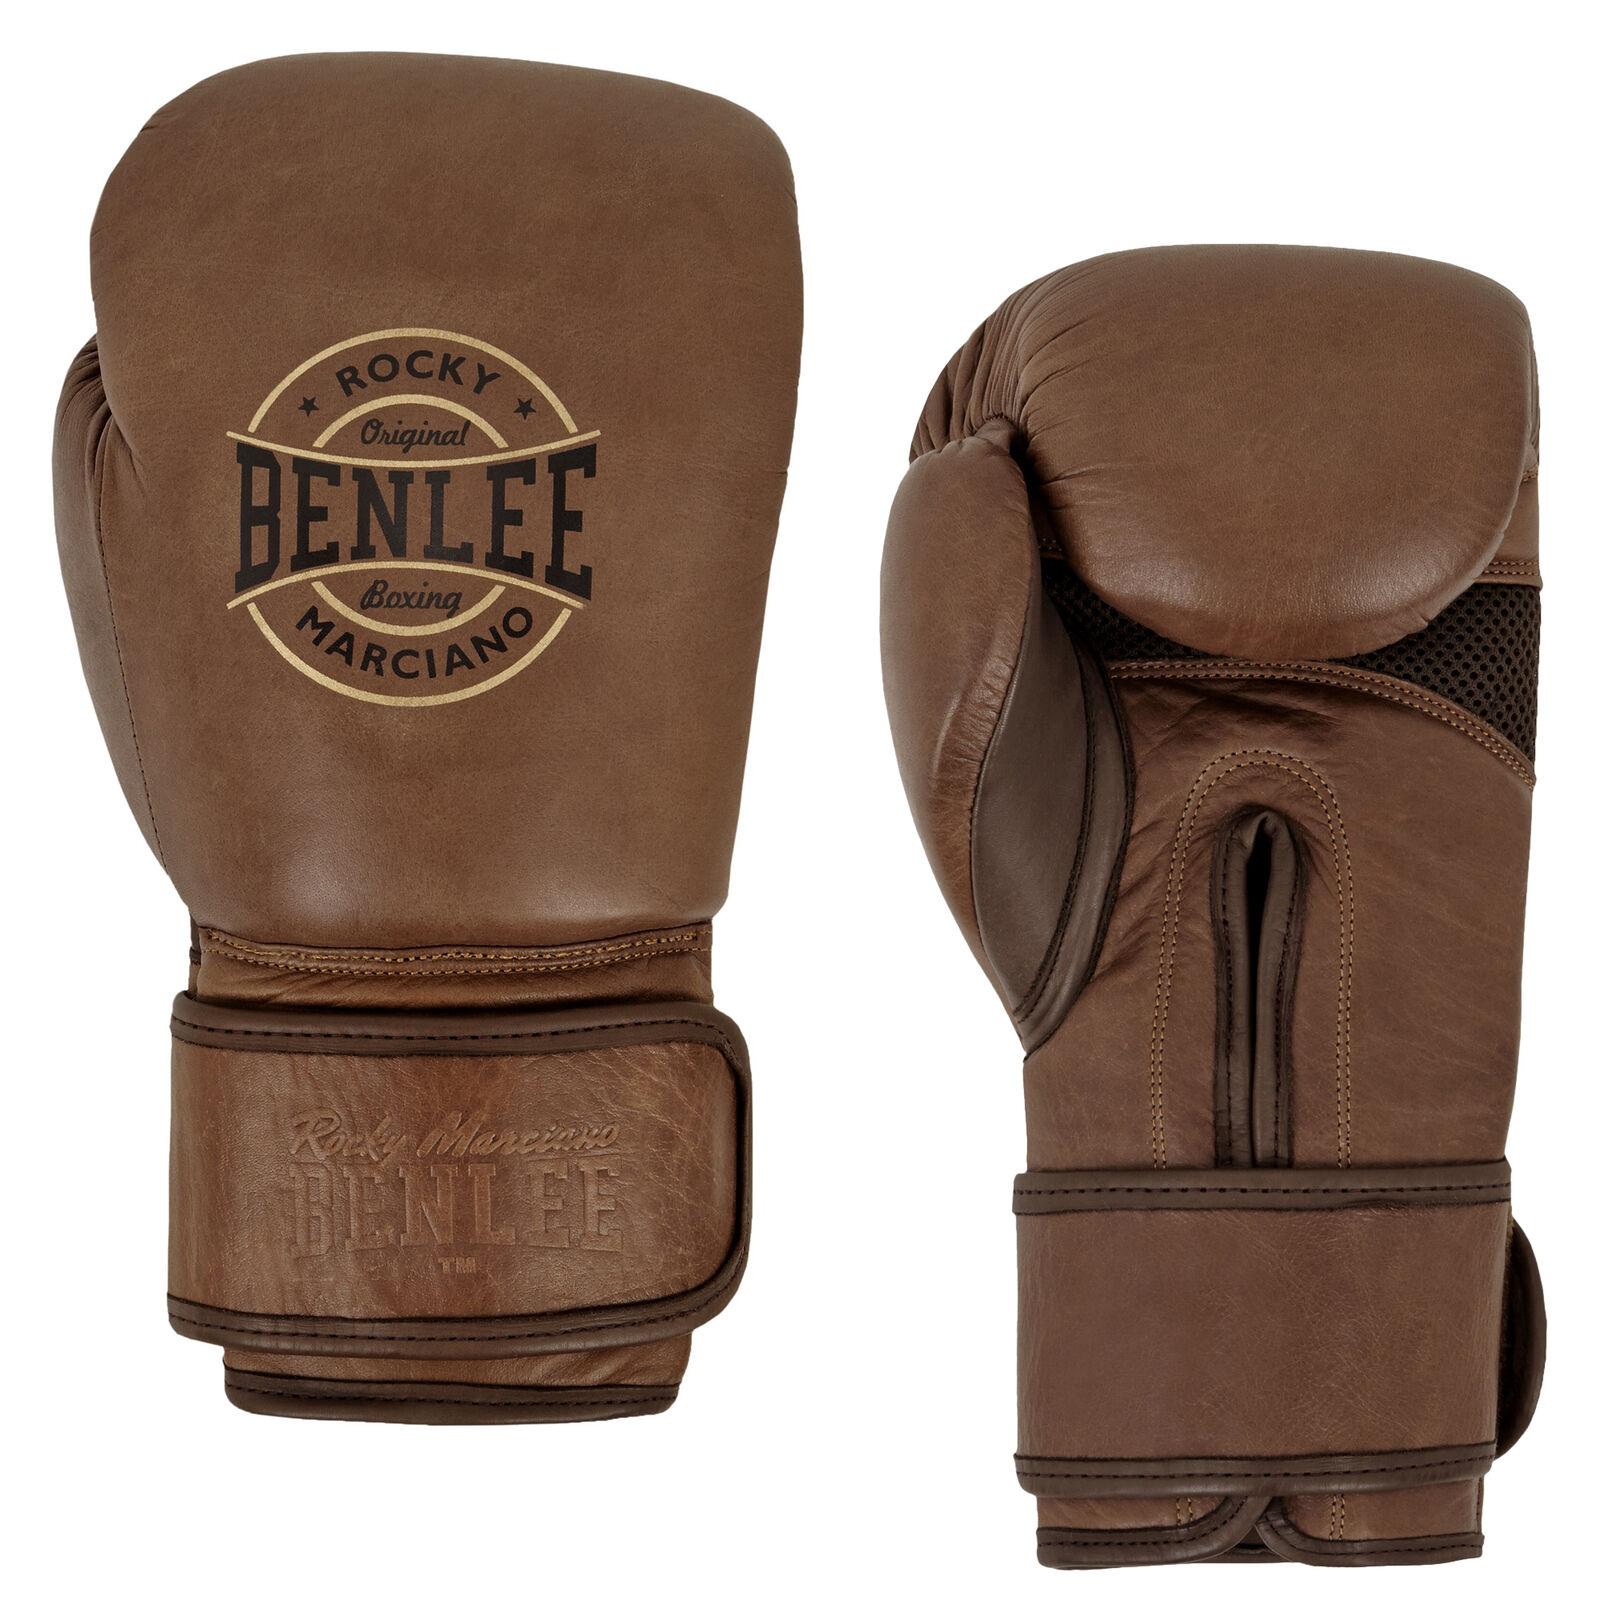 Benlee Guantoni da Box Barbello Boxing Punch Mma Alta Qualità pelle Bovina